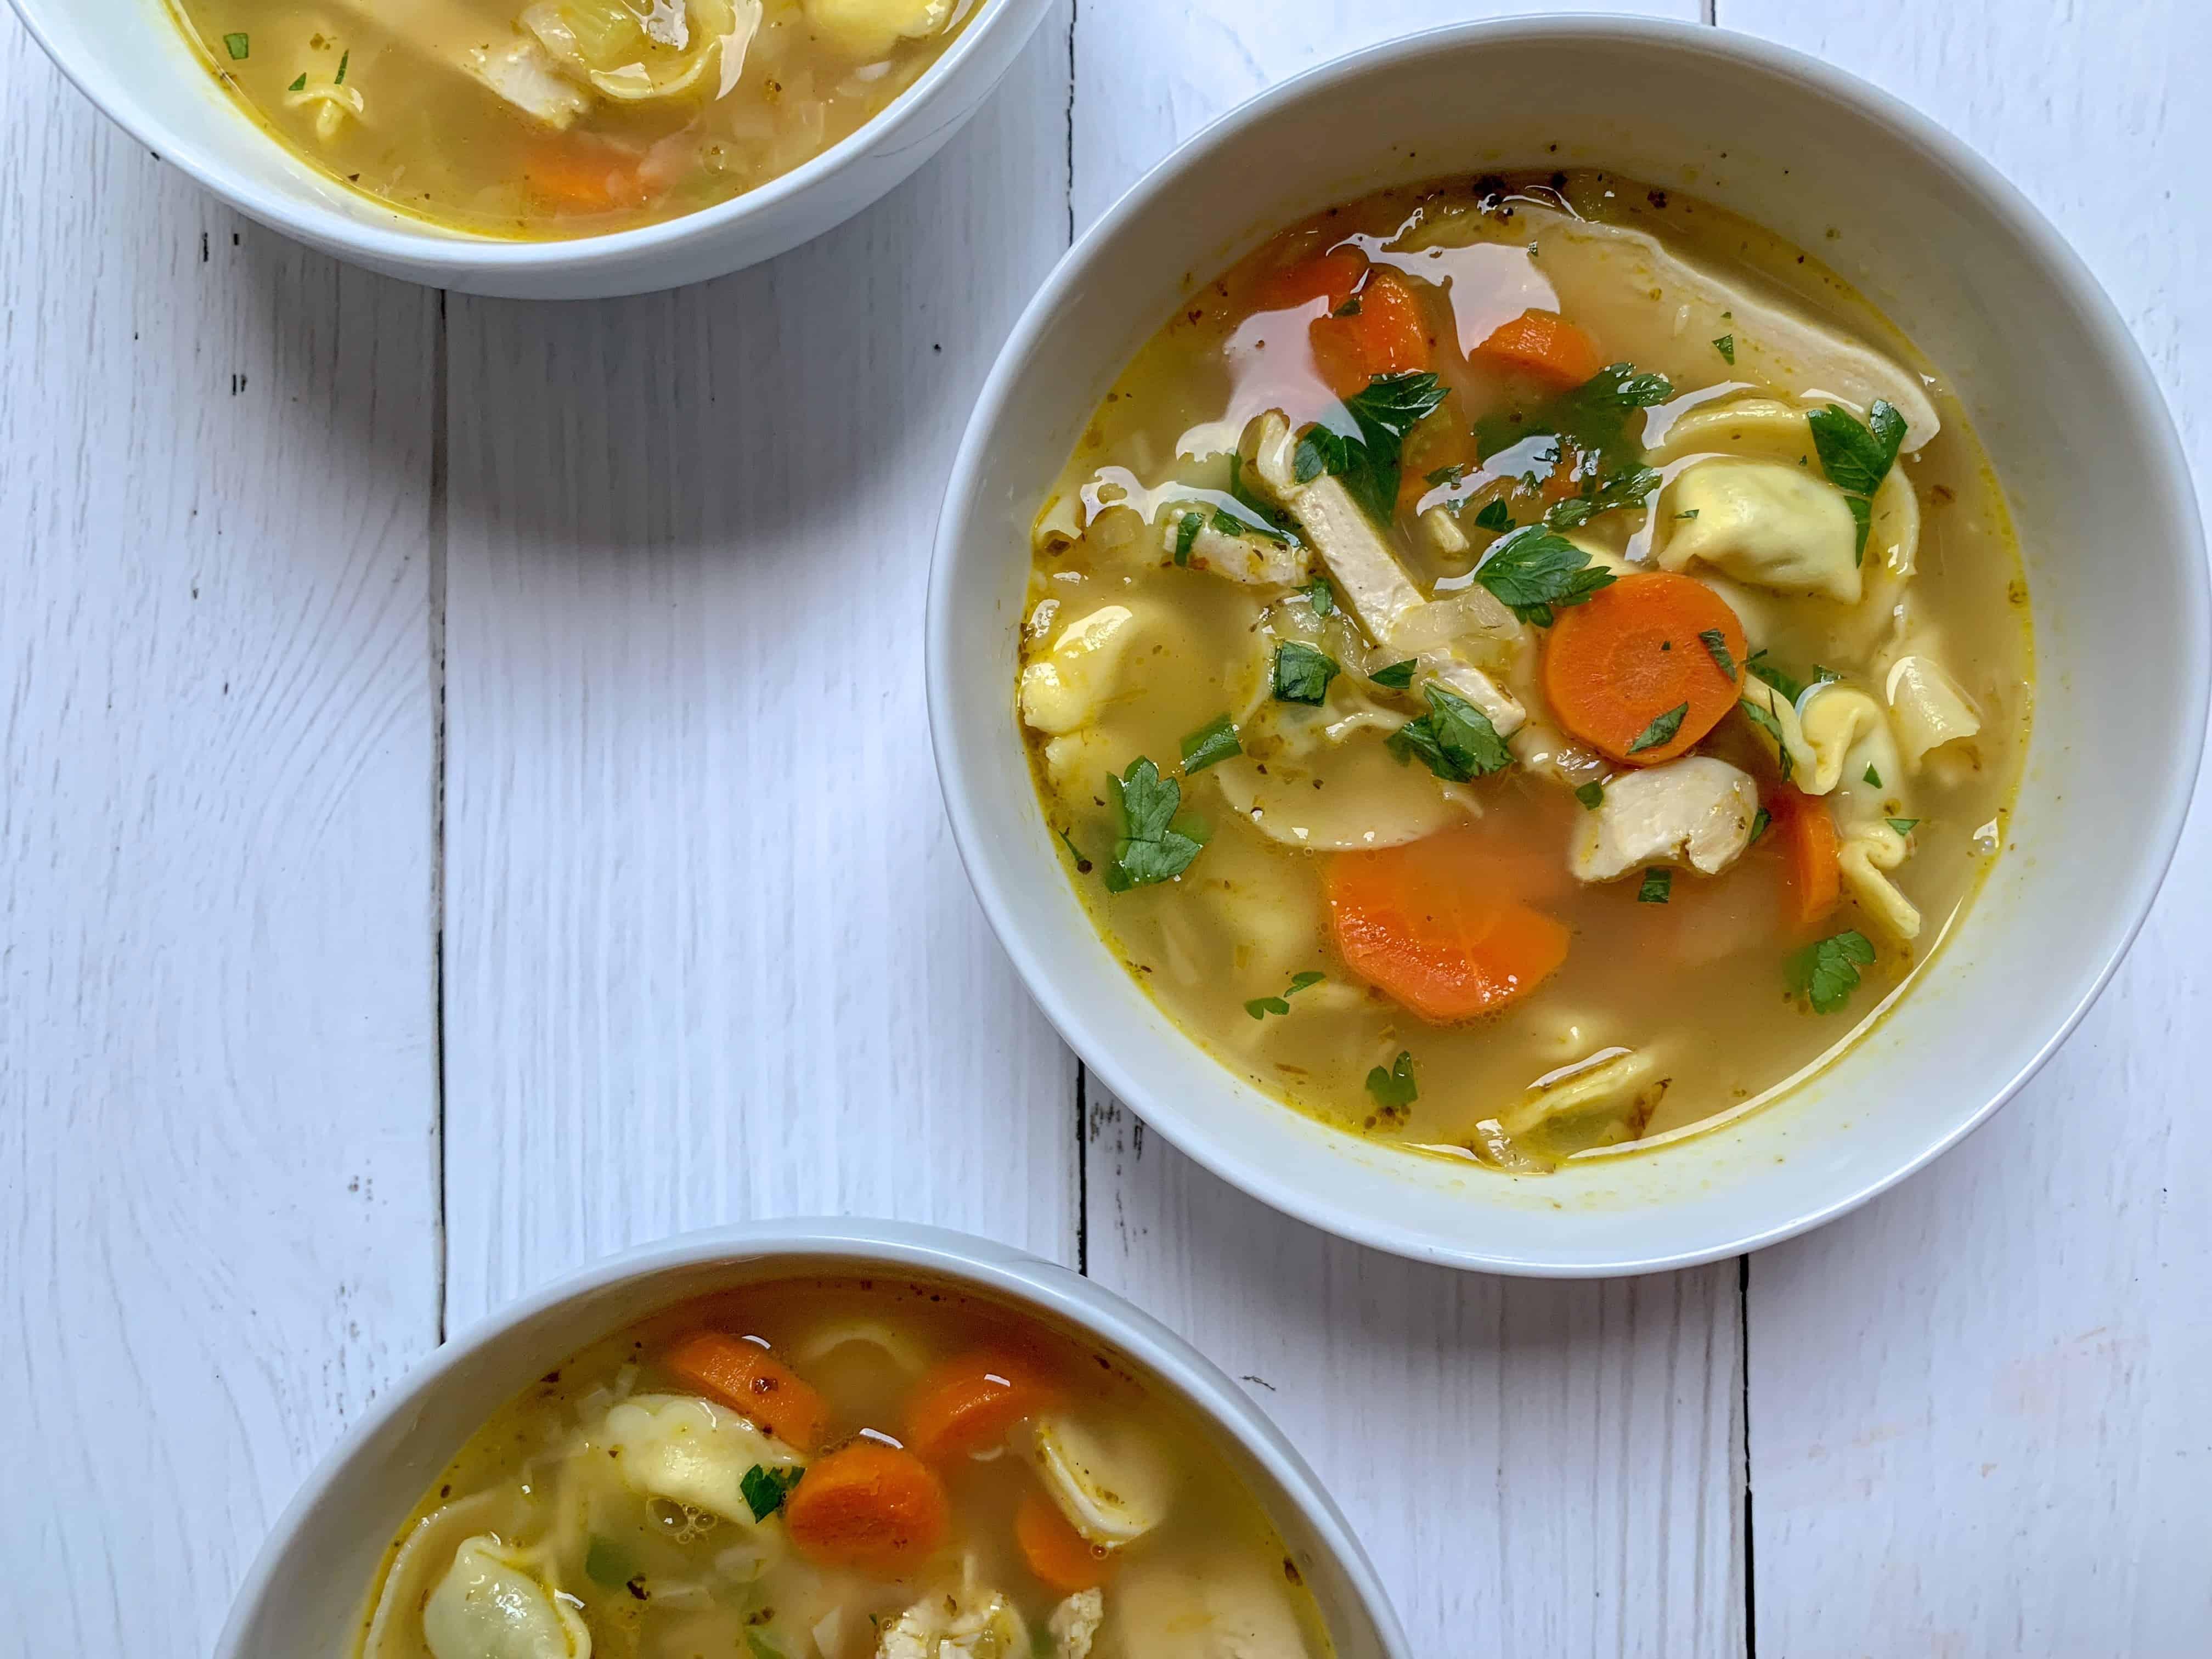 chicken tortellini soup bowls